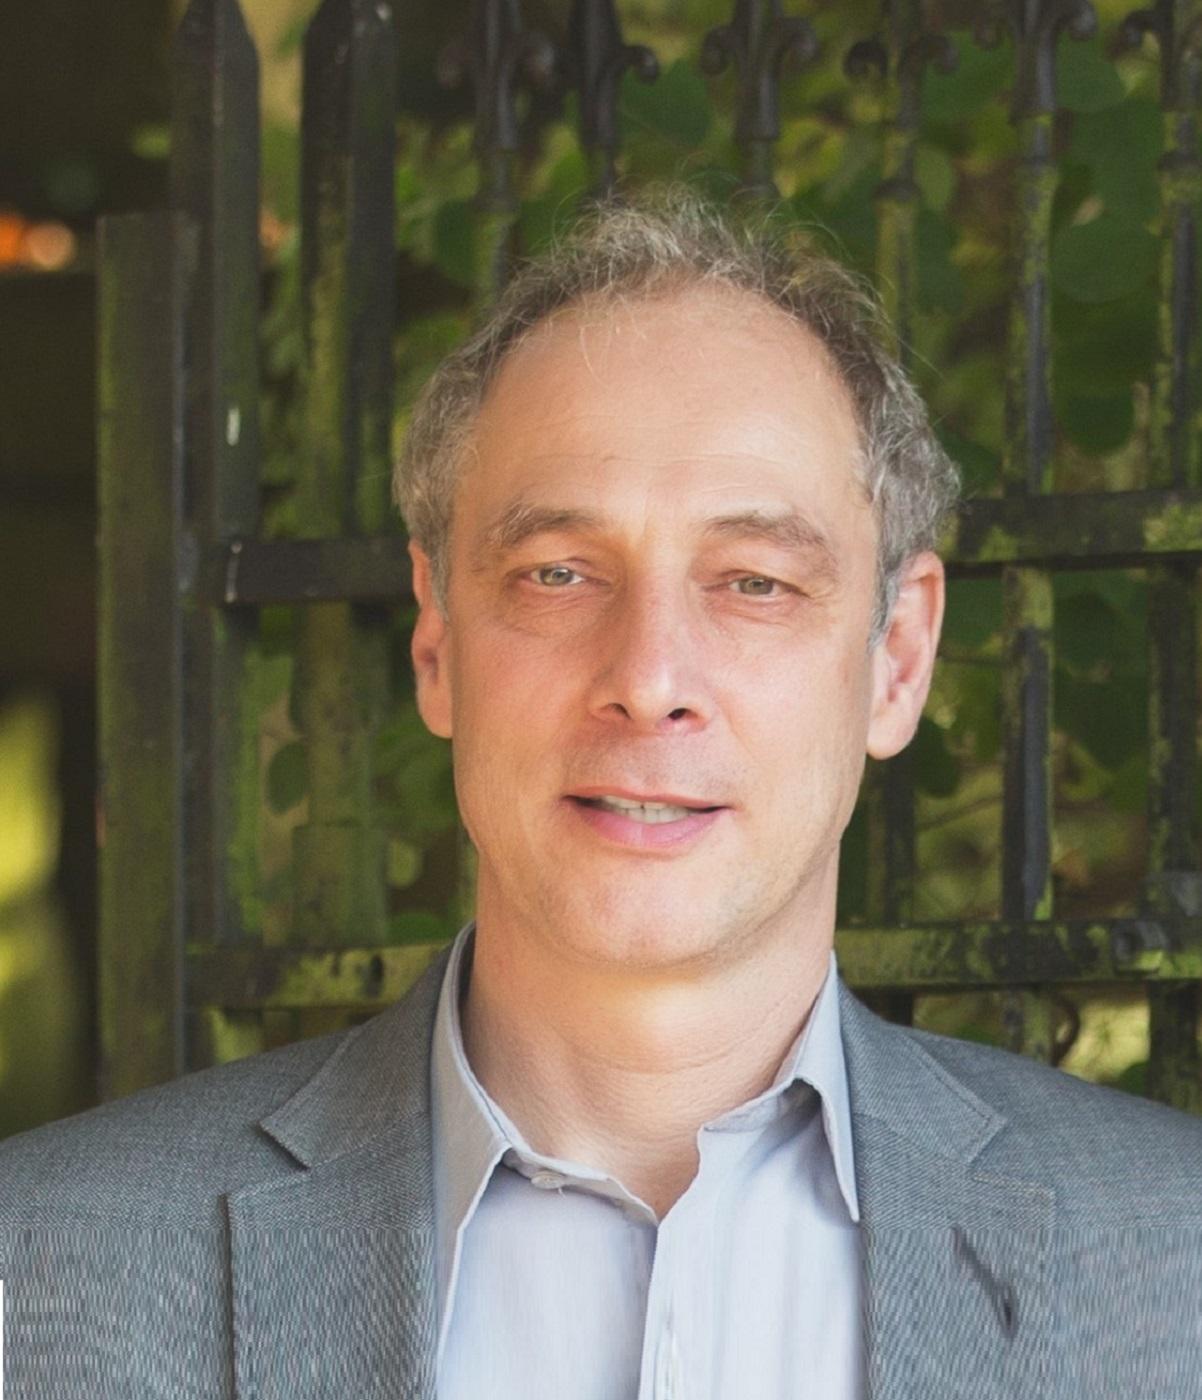 Matthias Bangel